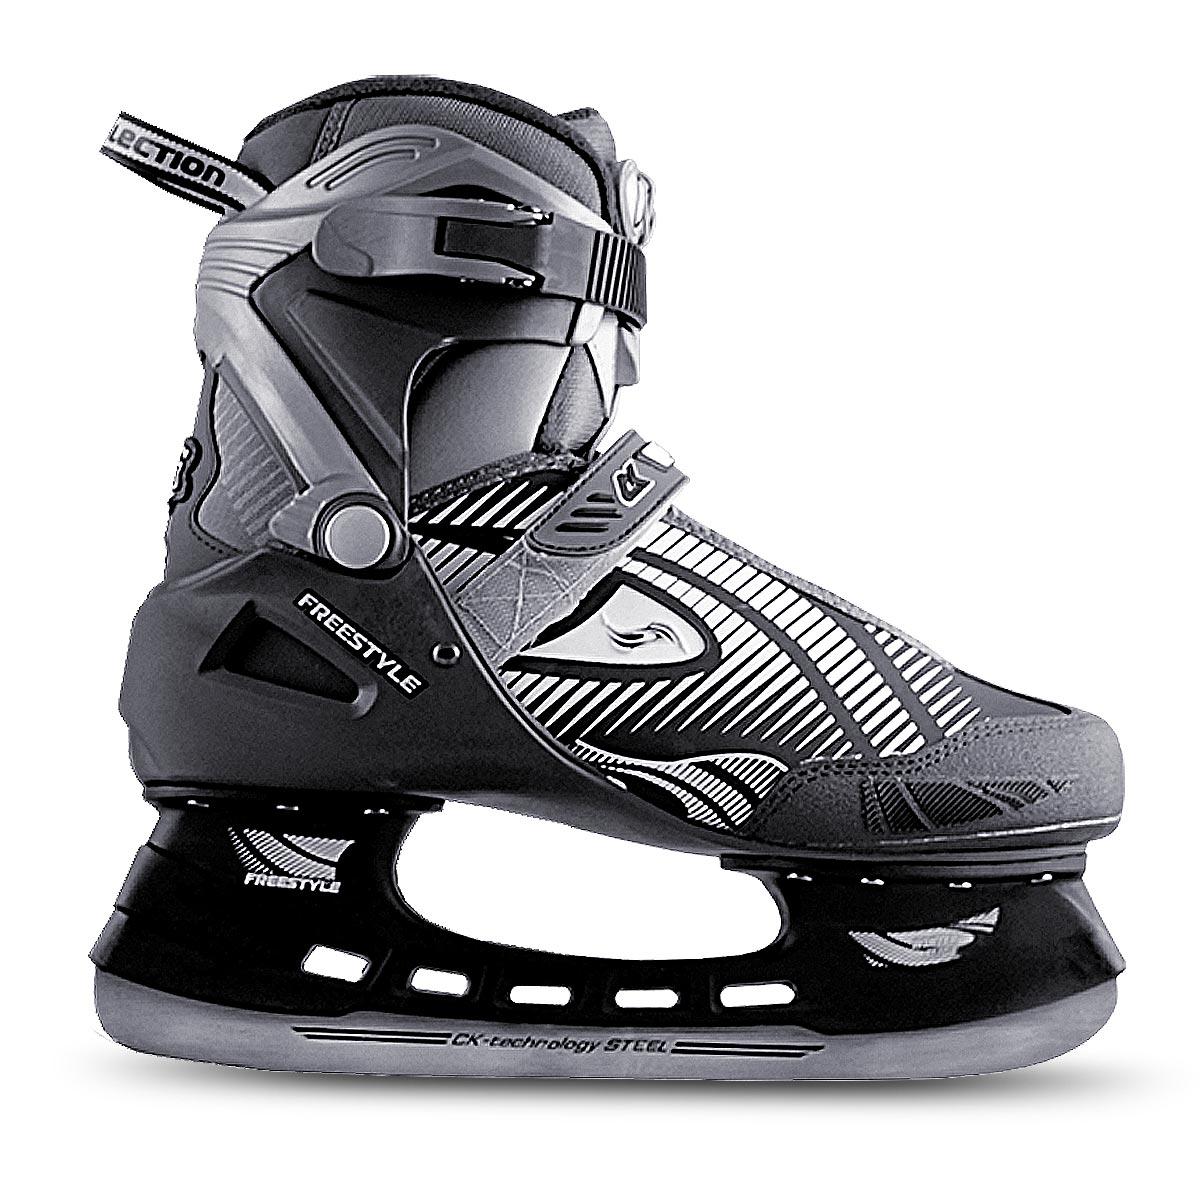 Коньки хоккейные мужские СК Freestyle, цвет: серый, черный. Размер 39FREESTYLE_серый, черный_39Оригинальные мужские коньки от CK Freestyle с ударопрочной защитной конструкцией прекрасно подойдут для начинающих игроков в хоккей. Сапожок, выполненный из комбинации ПВХ, морозостойкой искусственной кожи, нейлона и капровелюра, обеспечит тепло и комфорт во время катания. Внутренний слой изготовлен из фланелета, а стелька - из текстиля. Пластиковая бакля и шнуровка с фиксатором, а также хлястик на липучке надежно фиксируют голеностоп. Плотный мысок и усиленный задник оберегают ногу от ушибов. Фигурное лезвие изготовлено из углеродистой нержавеющей стали со специальным покрытием, придающим дополнительную прочность. Изделие по верху декорировано оригинальным принтом и тиснением в виде логотипа бренда. Задняя часть коньков дополнена широким ярлычком для более удобного надевания обуви. Стильные коньки придутся вам по душе.